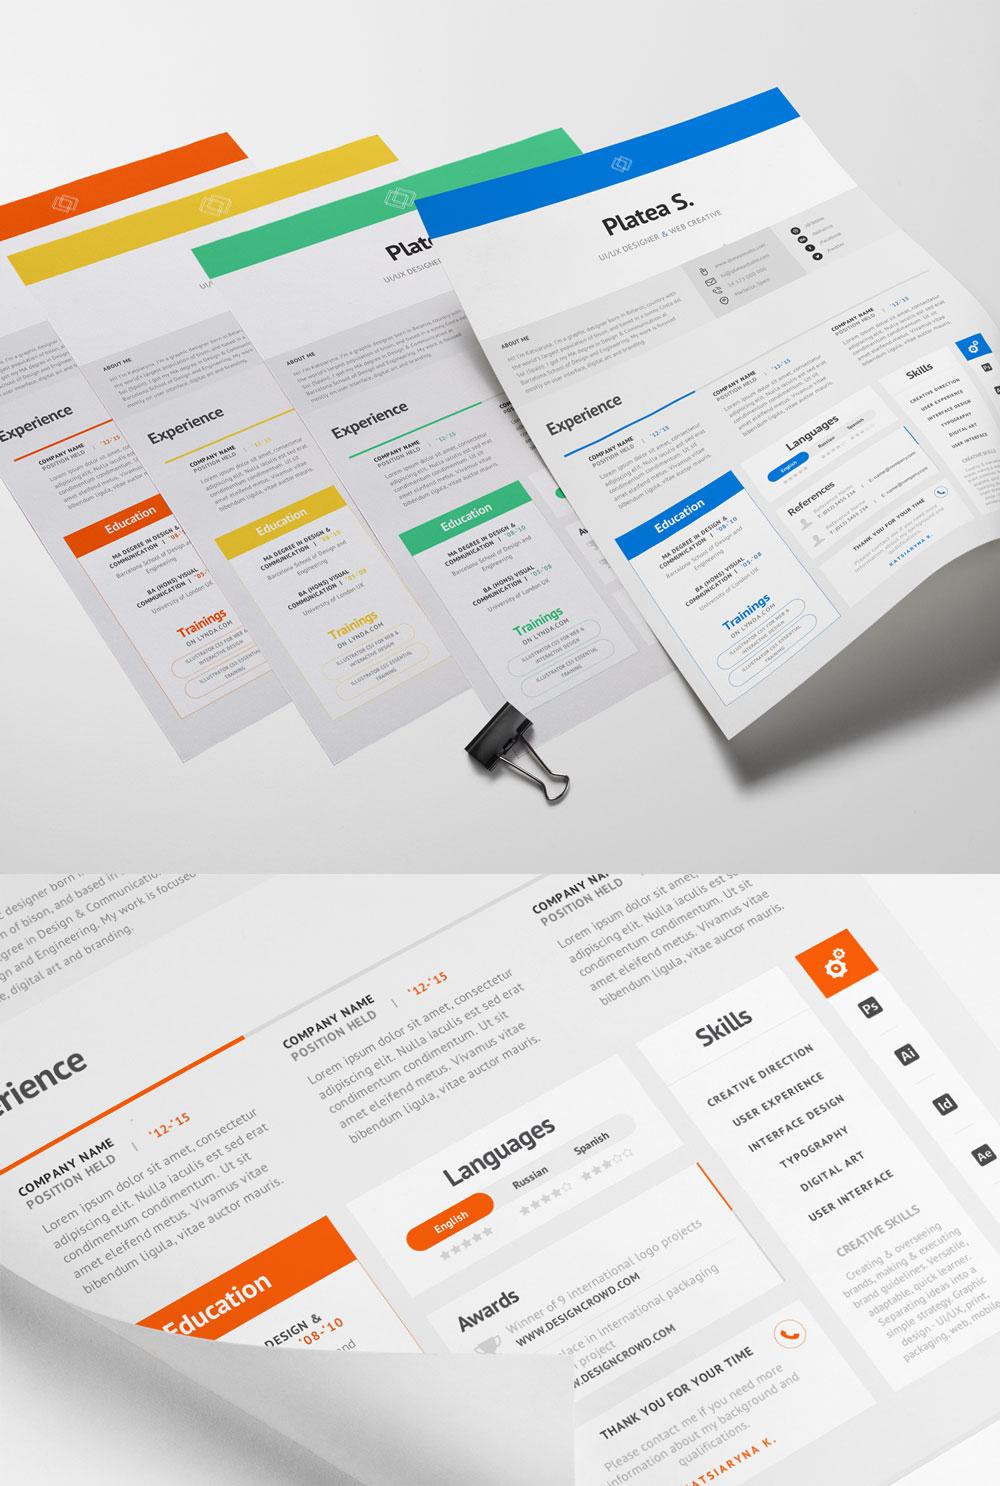 p575 - لایه باز CV رزومه فردی رسمی با بخش های مختلف جهت معرفی توانمندی ها با رنگ های متنوع